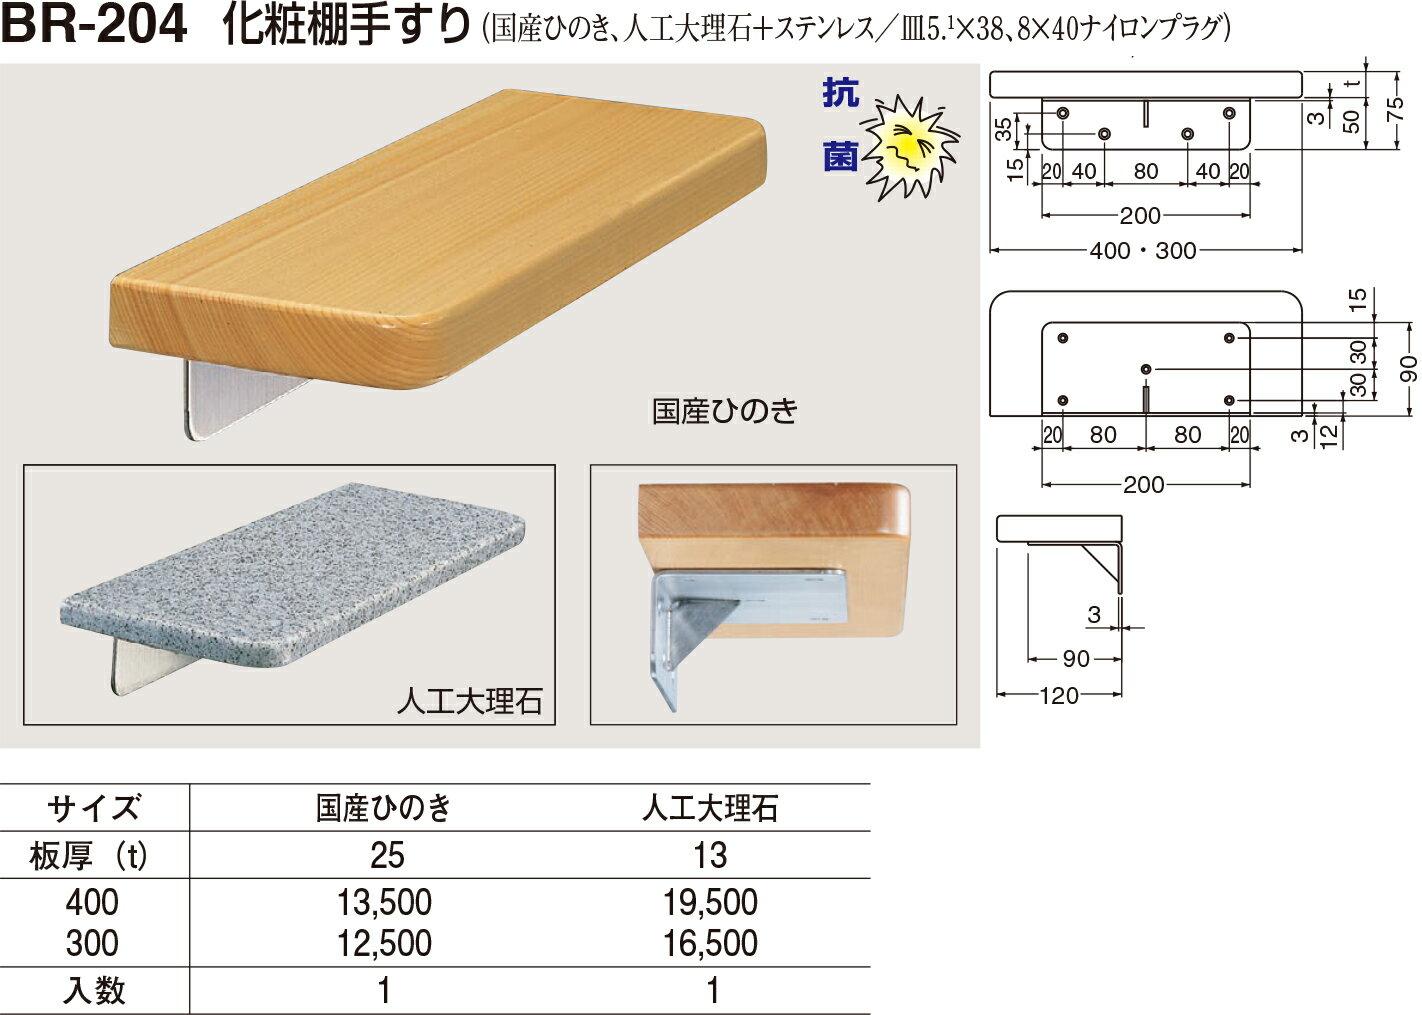 【シロクマ】化粧棚手すり BR-204 400mm 大理石